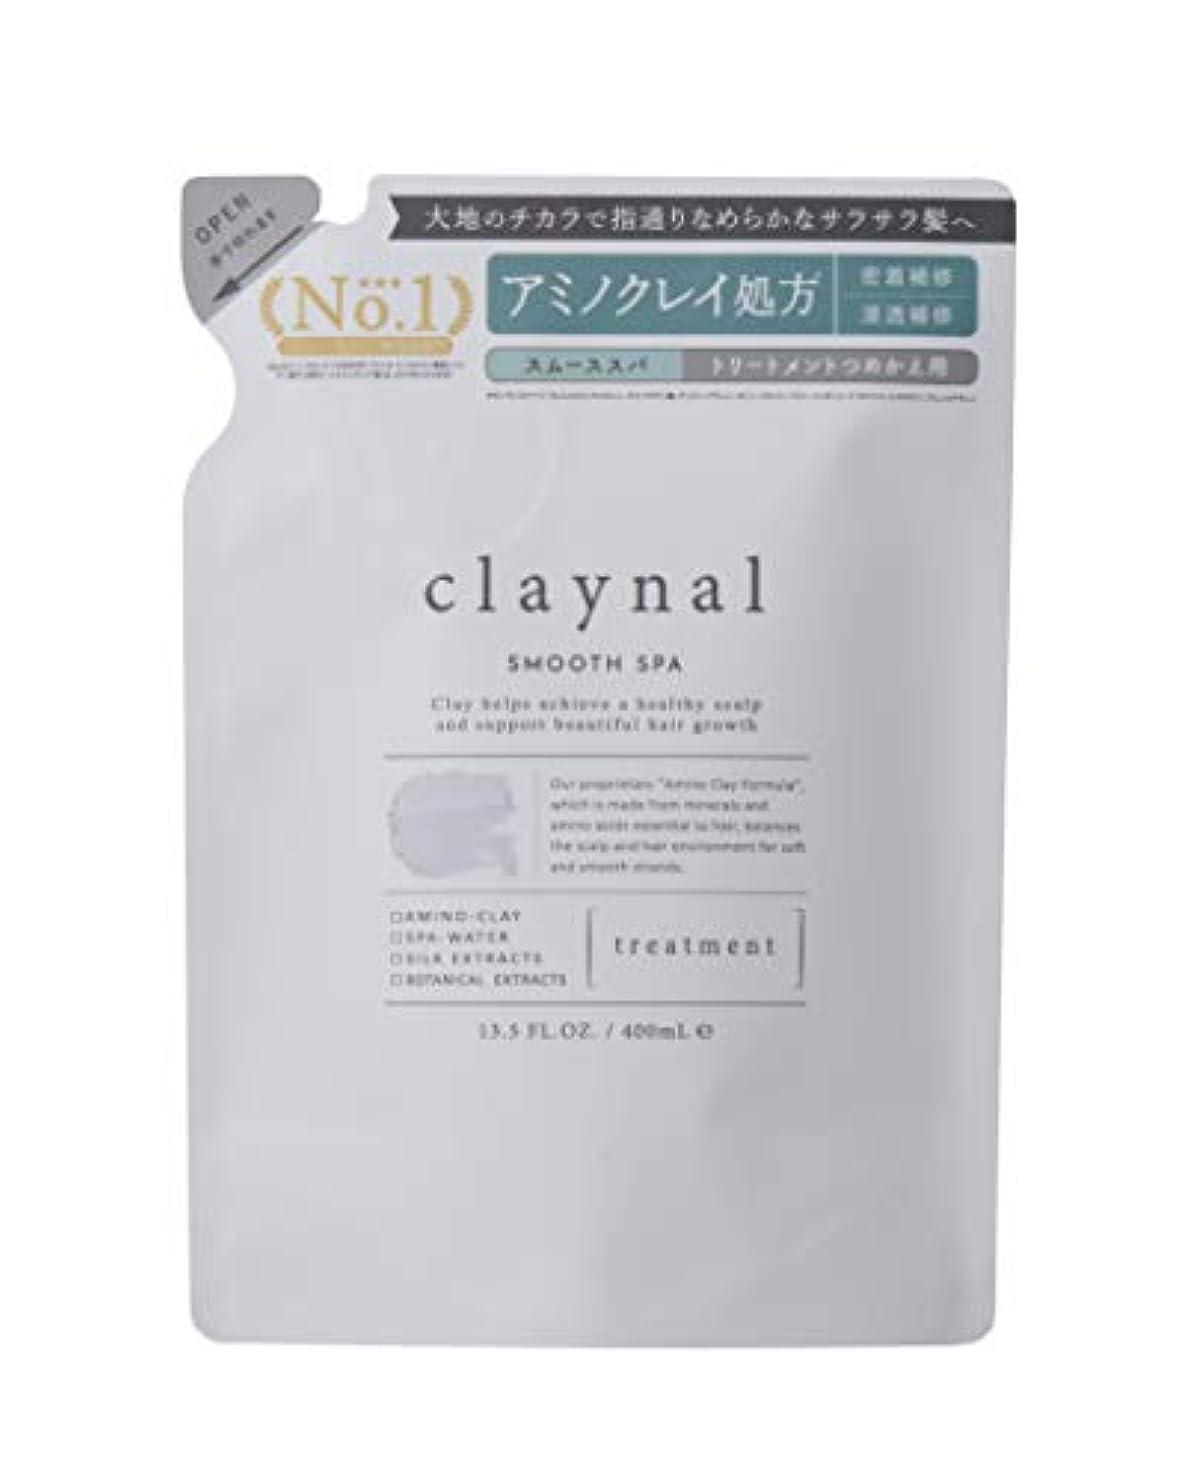 呼ぶモス知恵claynal(クレイナル) クレイナル スムーススパトリートメント(詰替え)400mL